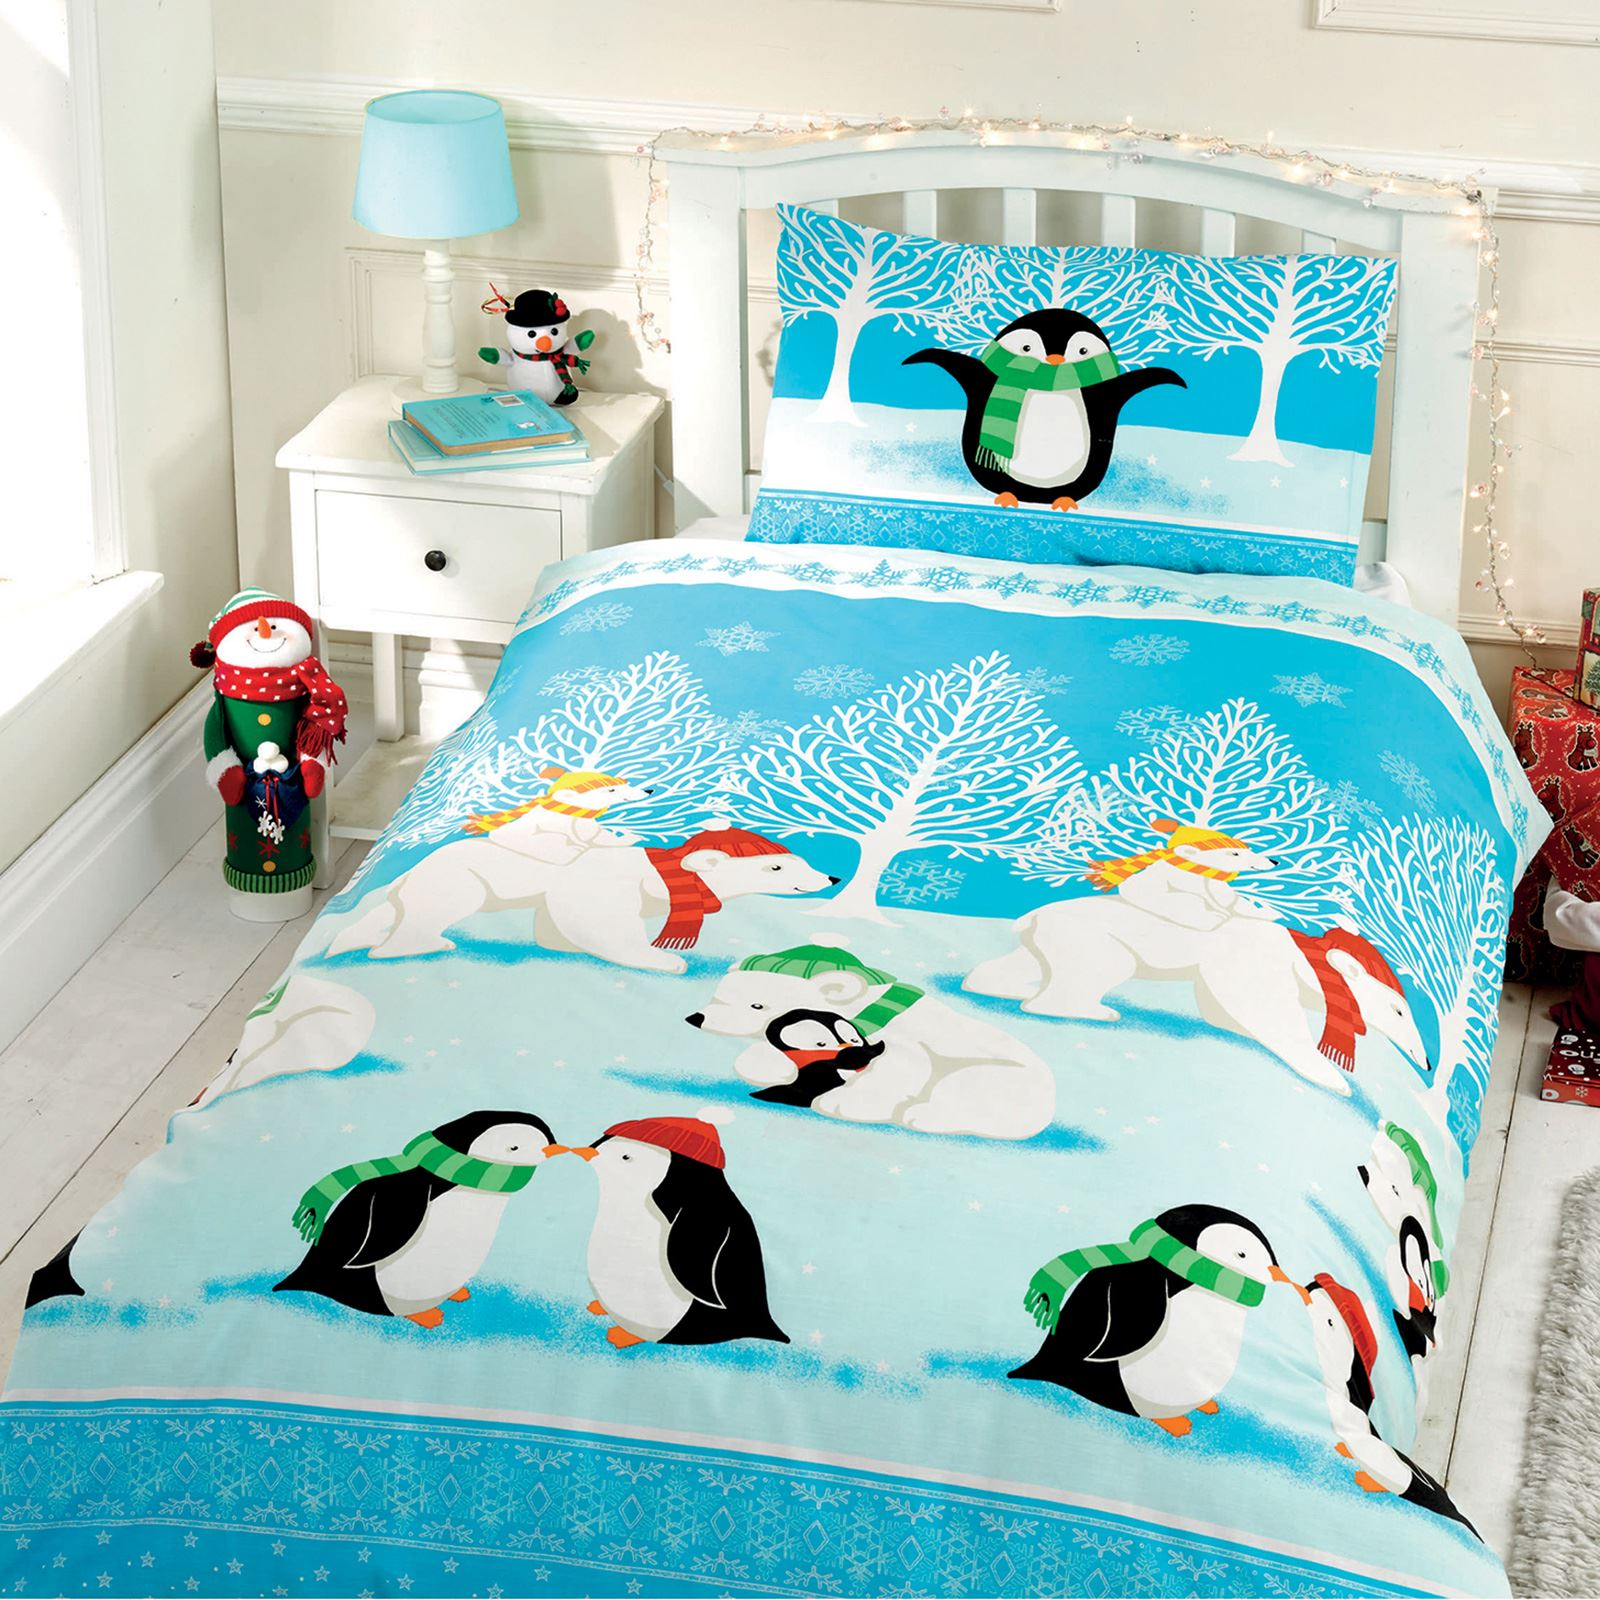 Indexbild 11 - Kinder Weihnachten Bettbezug Sets - Junior Einzel Doppel King - Elf Emoji Grinch